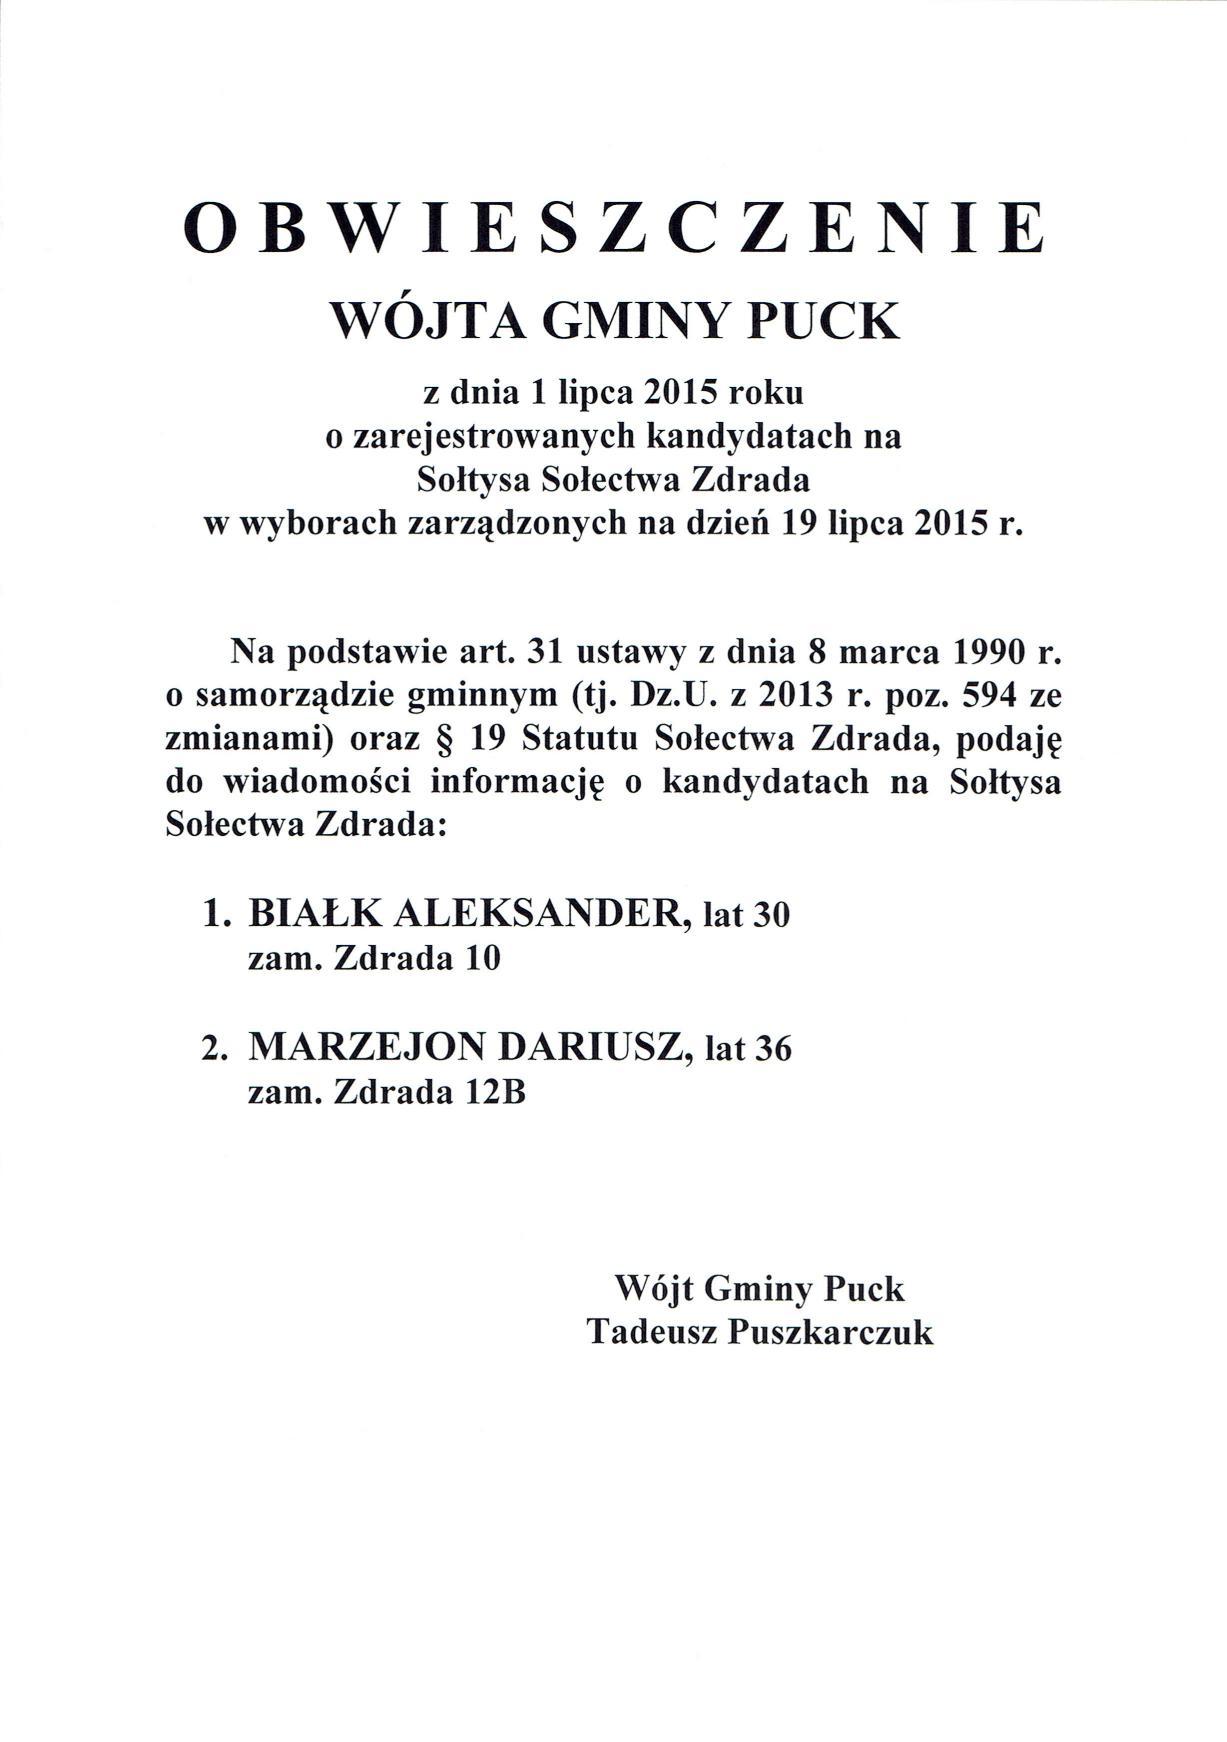 Obwieszczenie Wójta Gminy Puck z dnia 01.07.2015 - Wyb. Sołtysa Wsi Zdrada_02